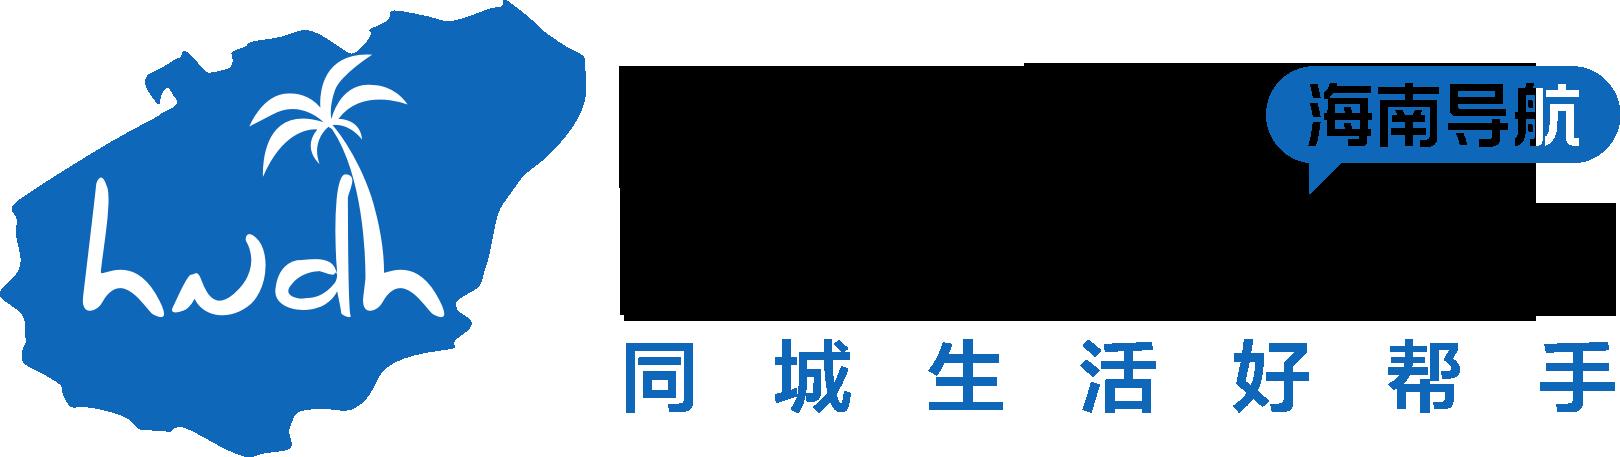 昌江生活导航-昌江导航-昌江生活网